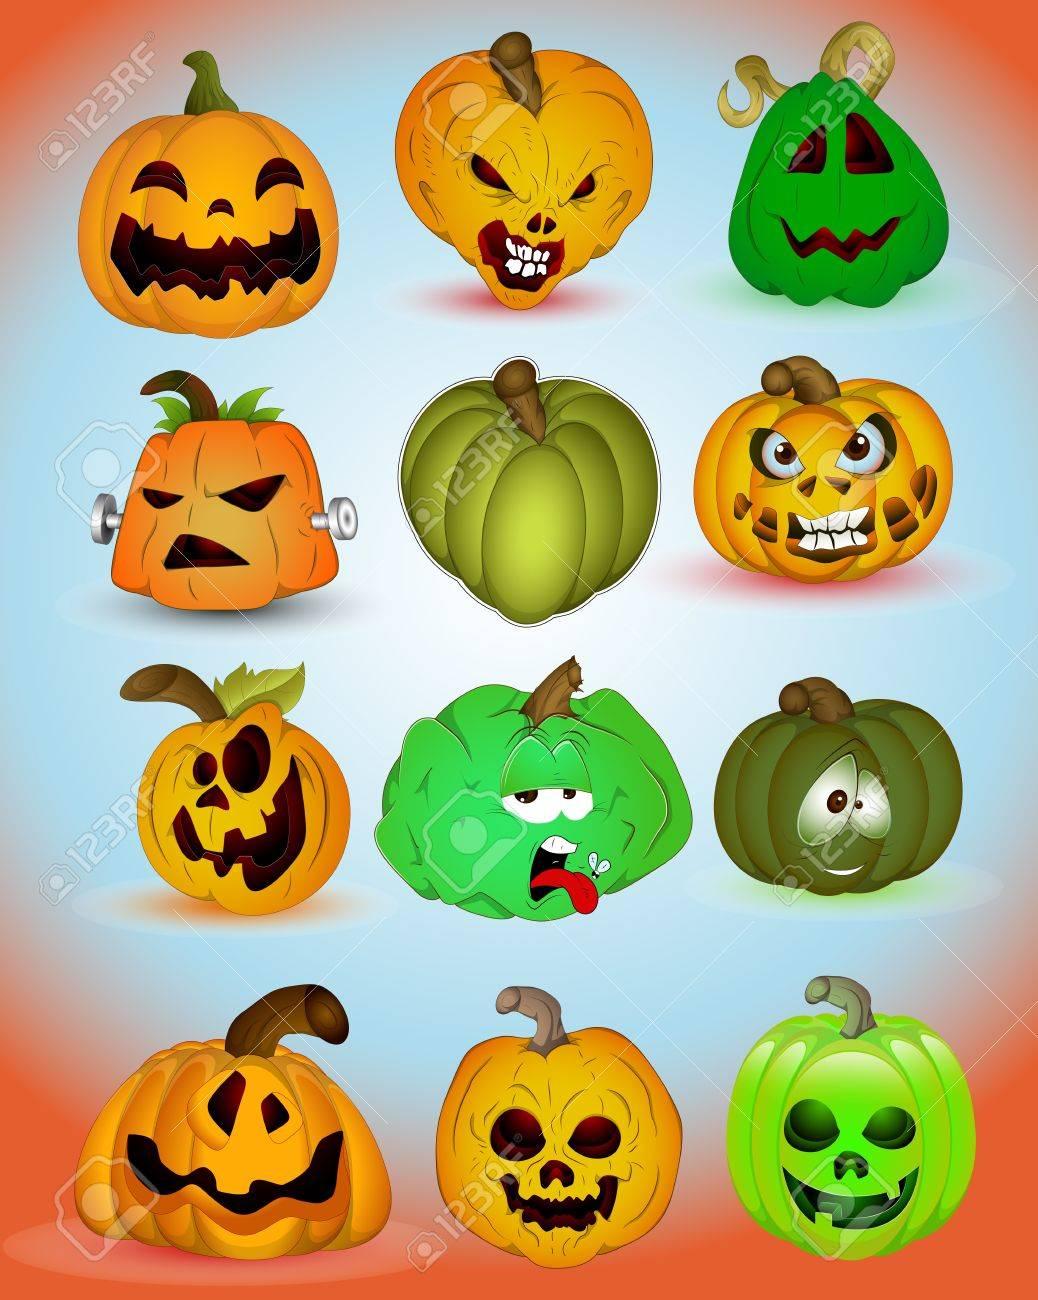 Halloween Vectors helloween icons images Spooky Halloween Vectors Stock Vector 15144069